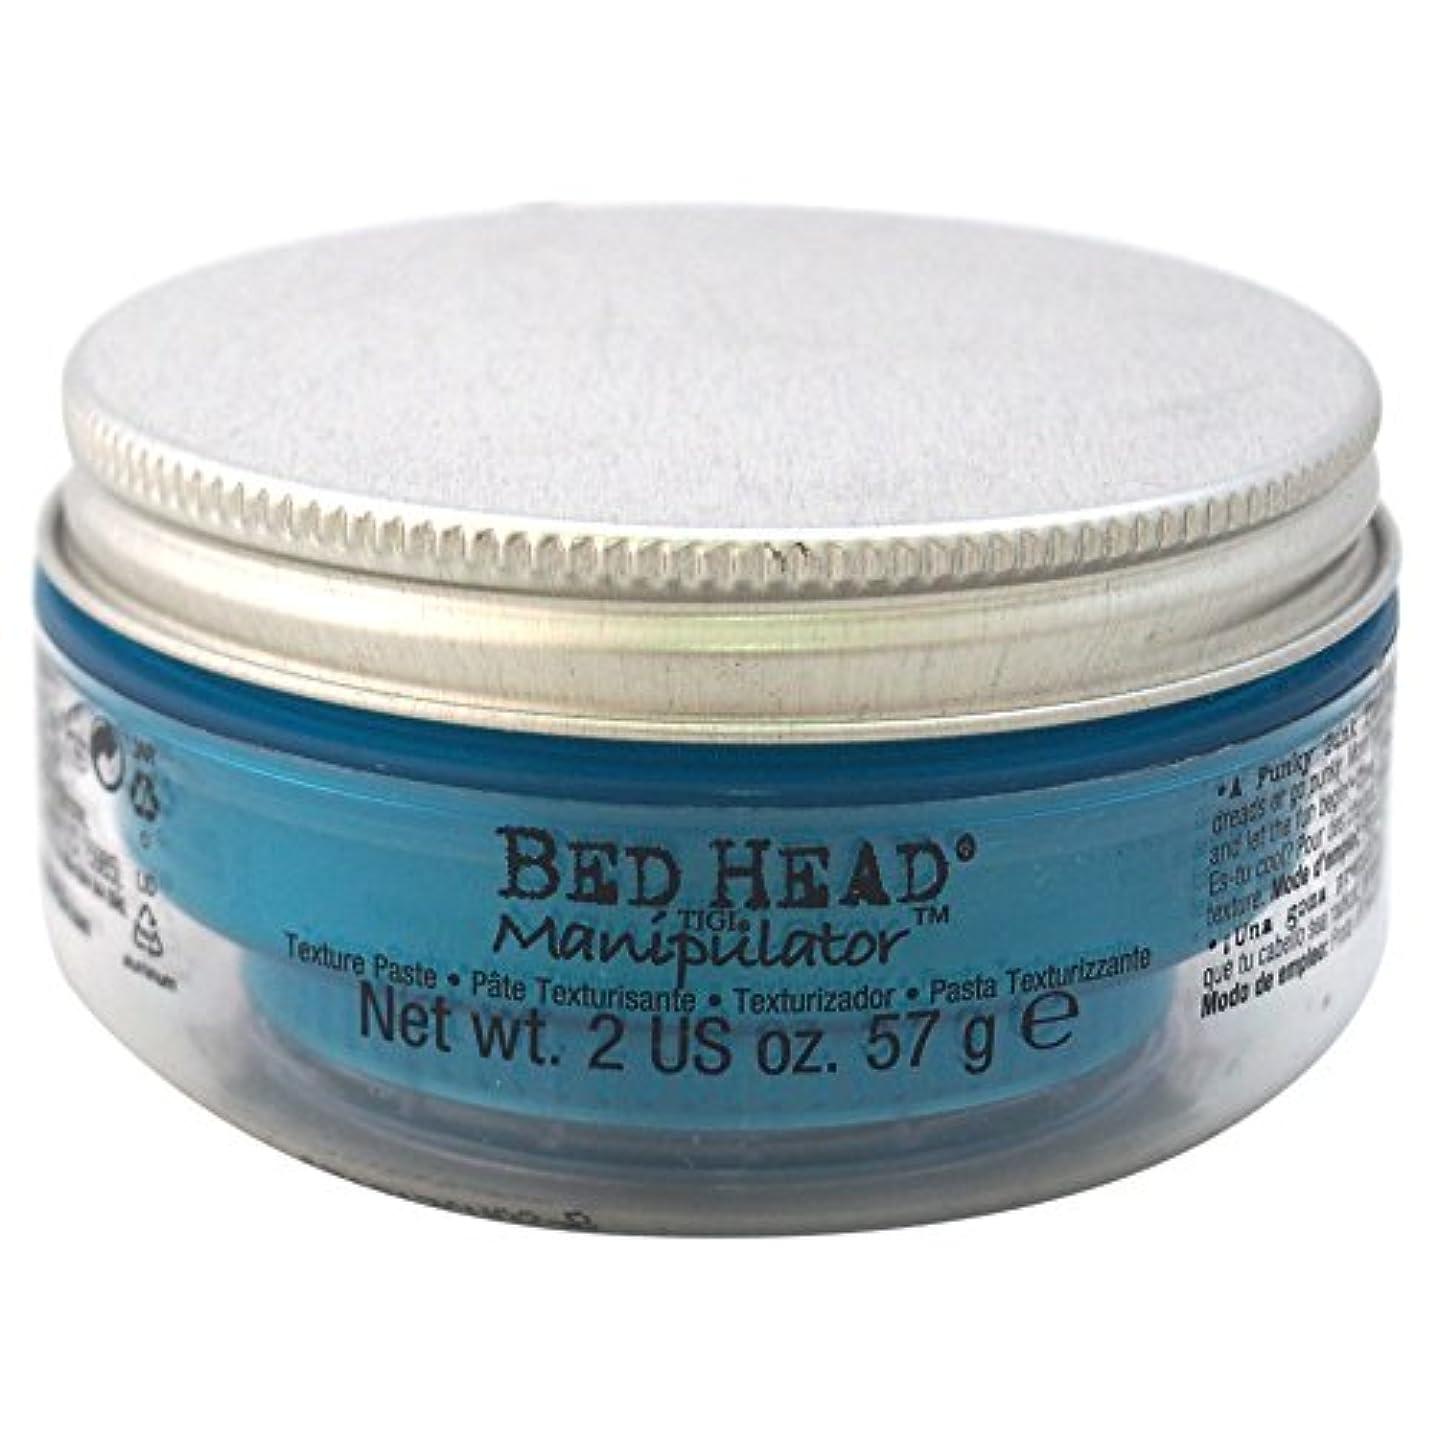 柱クリップ蝶音ティジー ベッドヘッドマニピュレーター テキシチヤ ペースト Tigi Bed Head Manipulator Texture Paste 57 ml [並行輸入品]